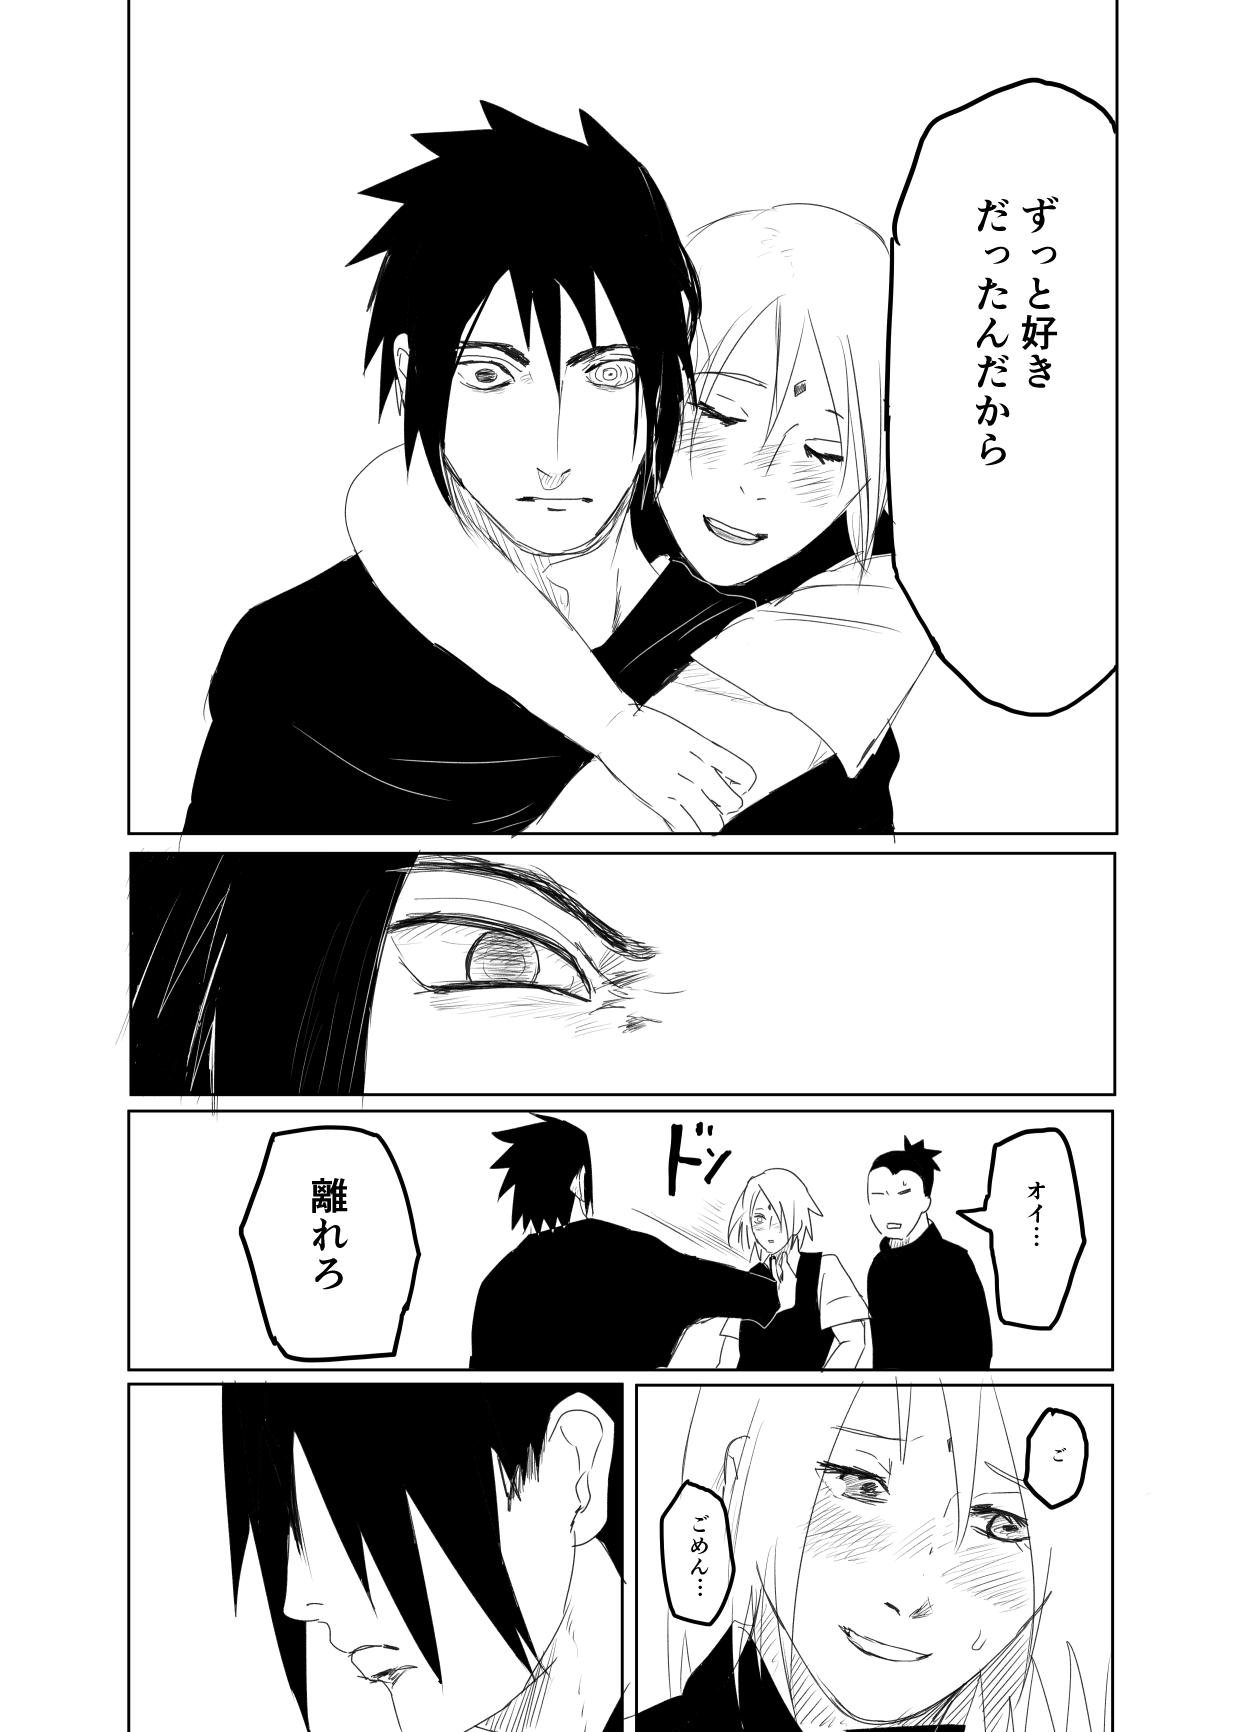 嘘告白漫画 12